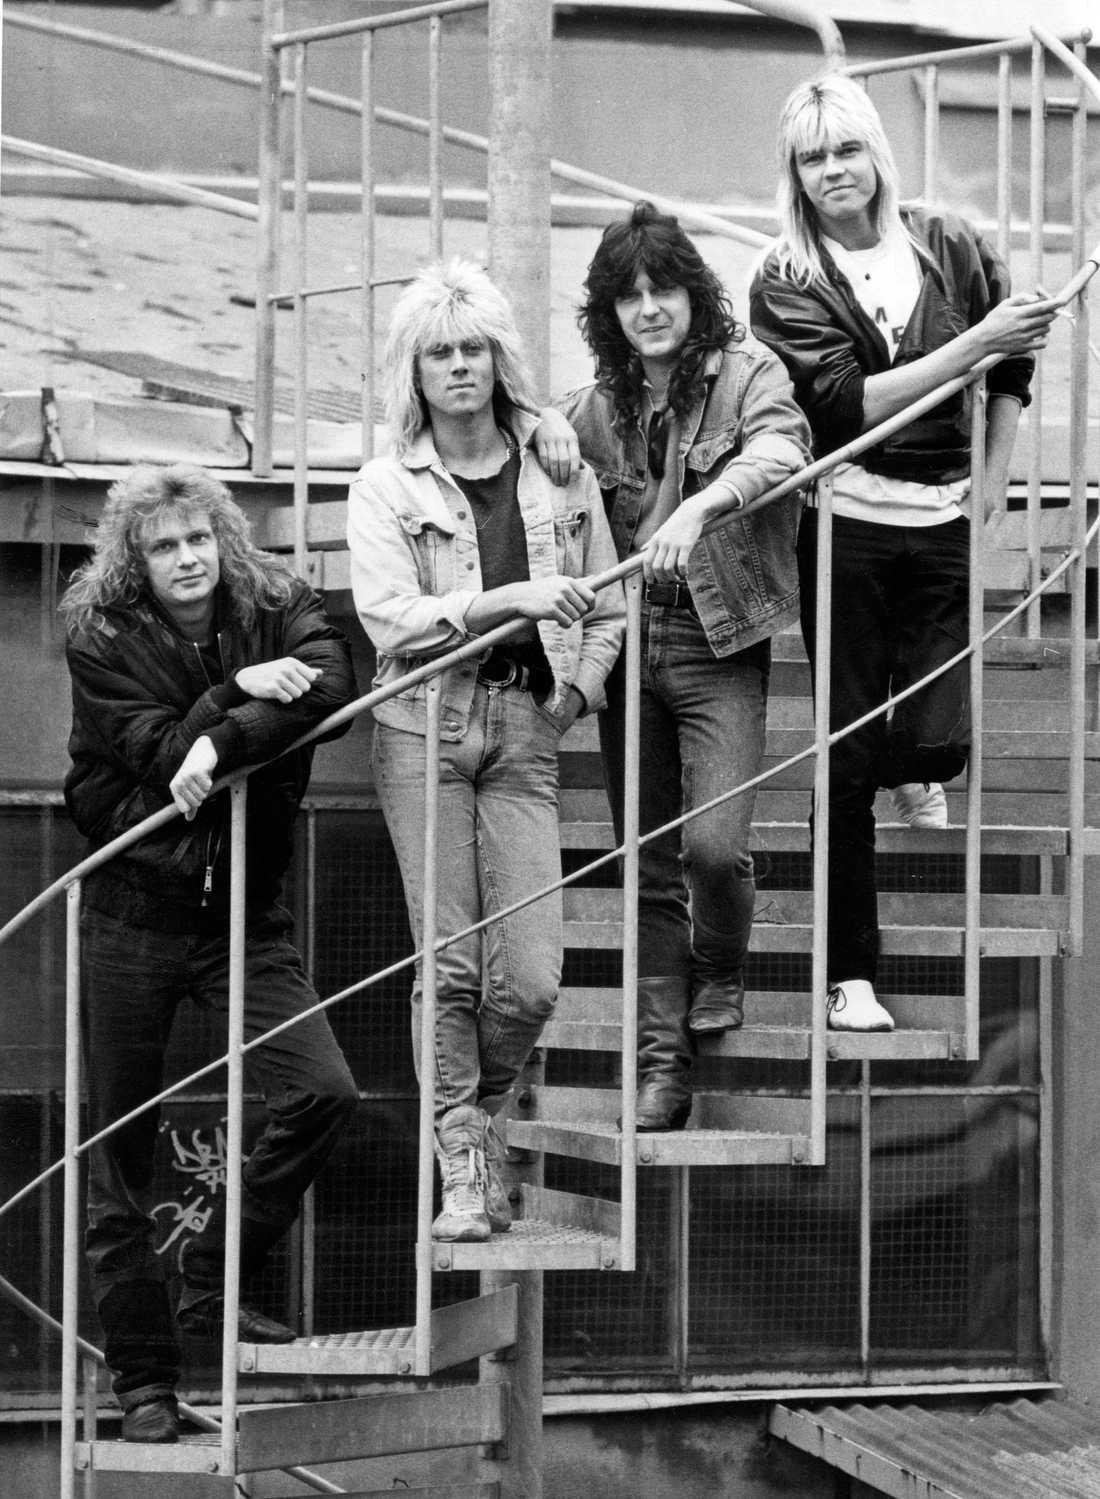 1986 Tommy Nilsson, längst till vänster, var sångare i svenska pudelrockbandet Easy Action.